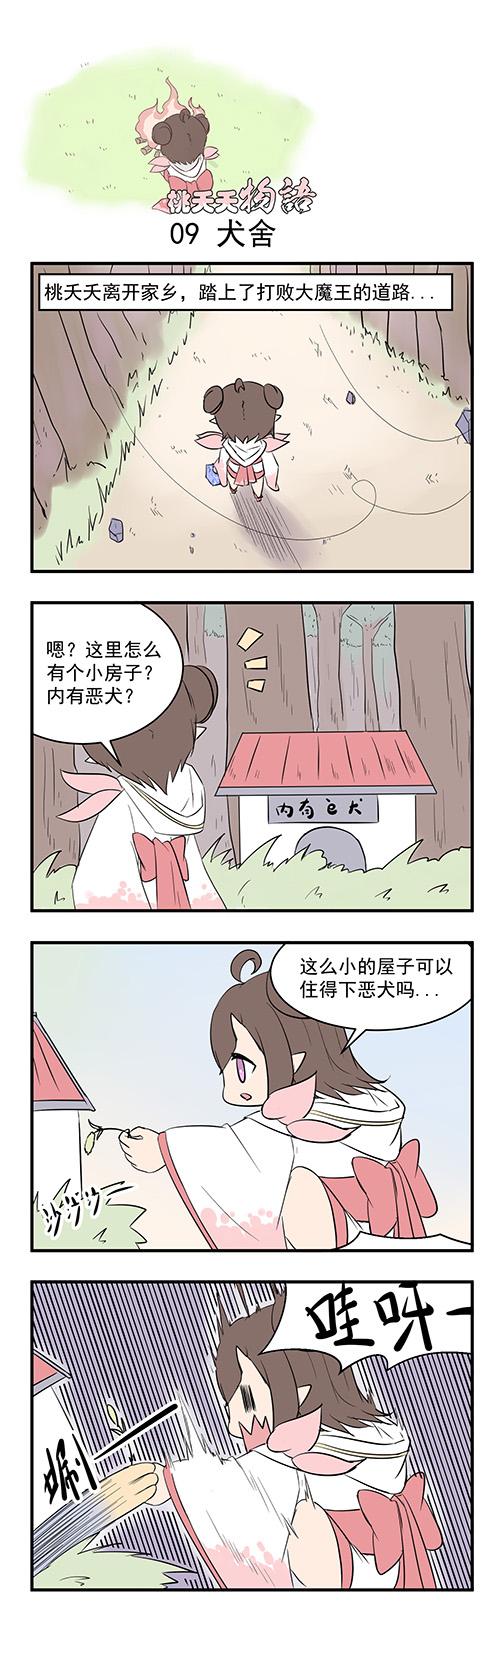 桃夭夭物语09.jpg